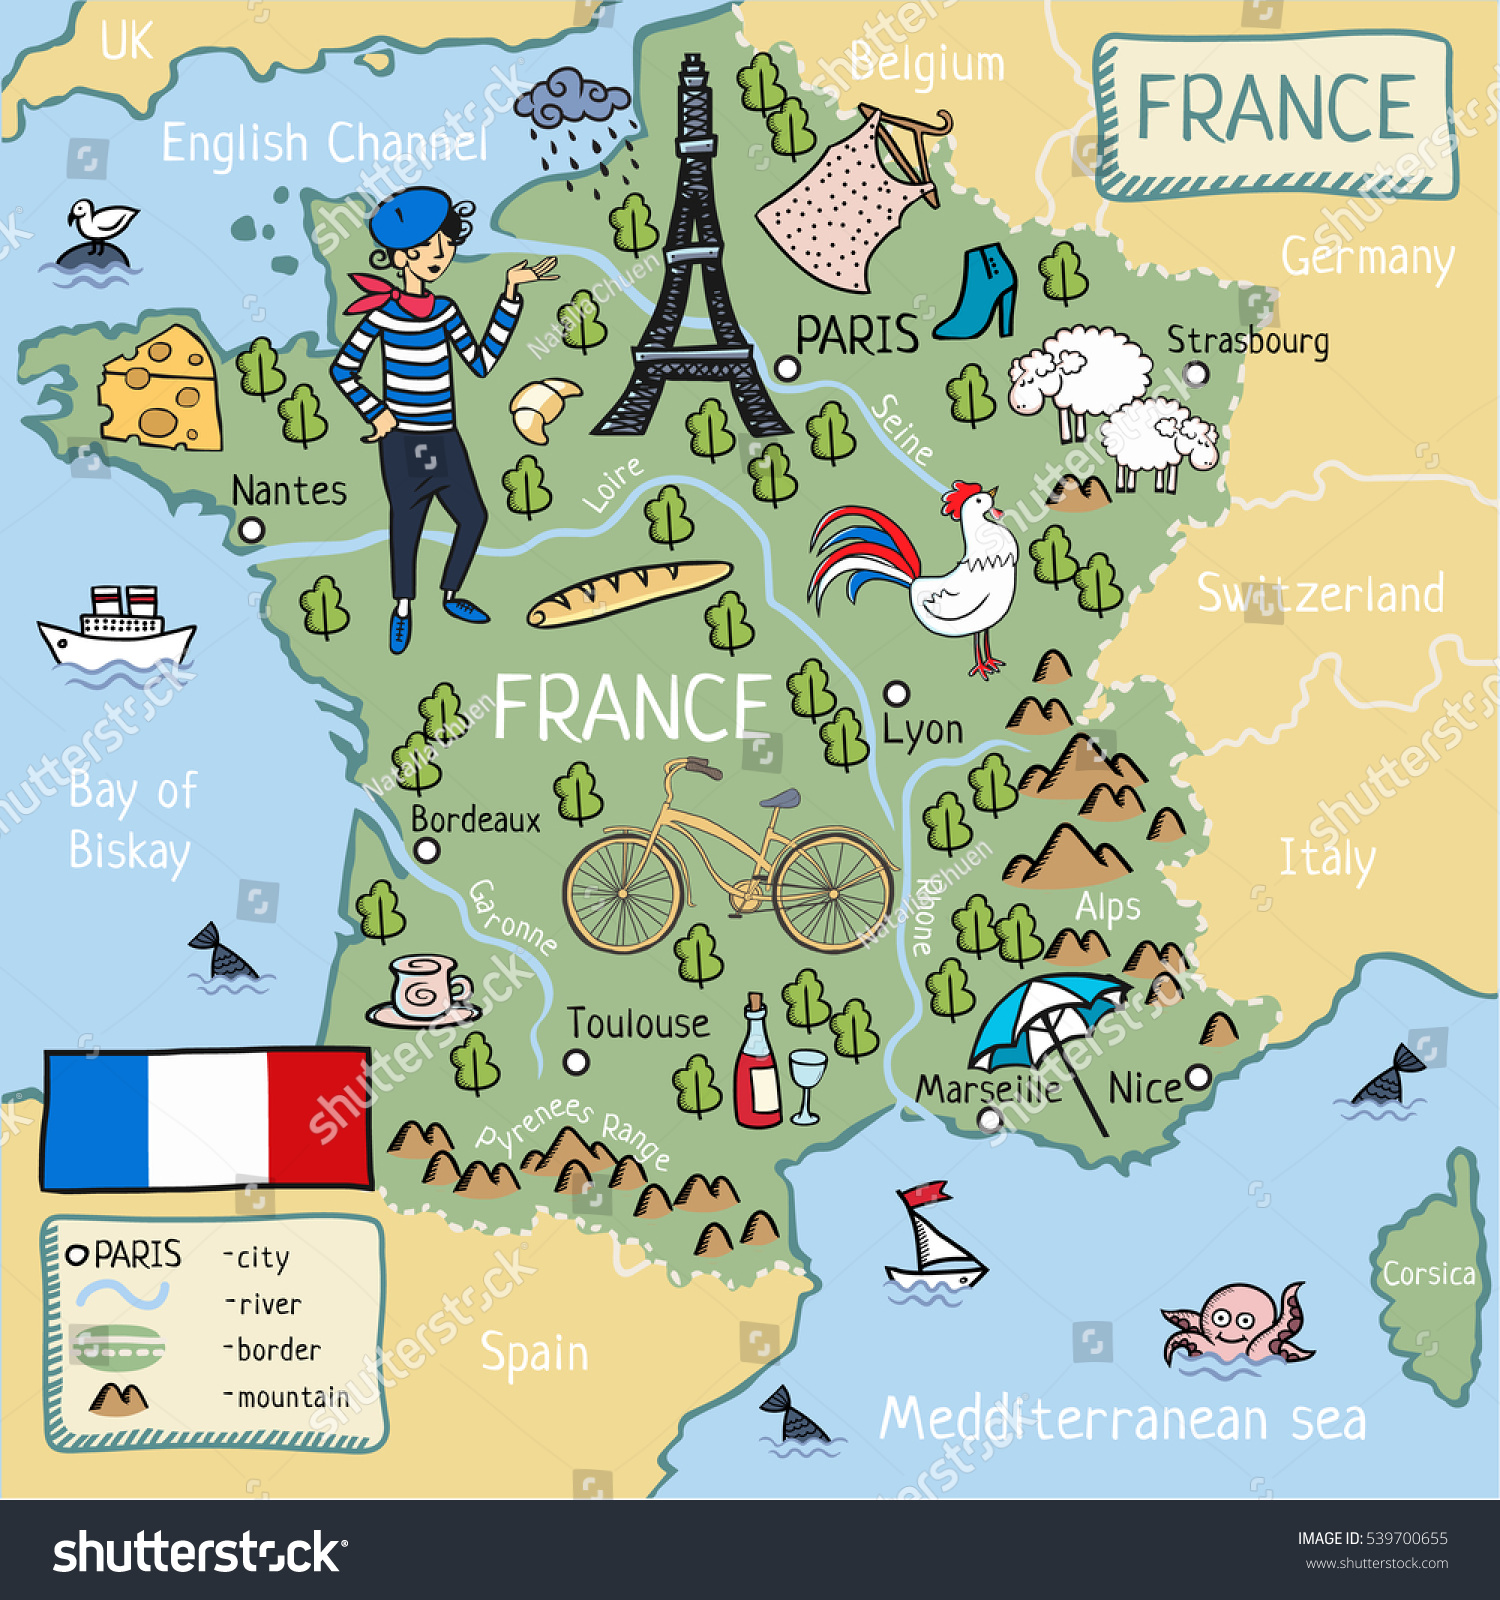 Cartina Francia Tolosa.Cartina Dei Cartoni Animati Della Francia